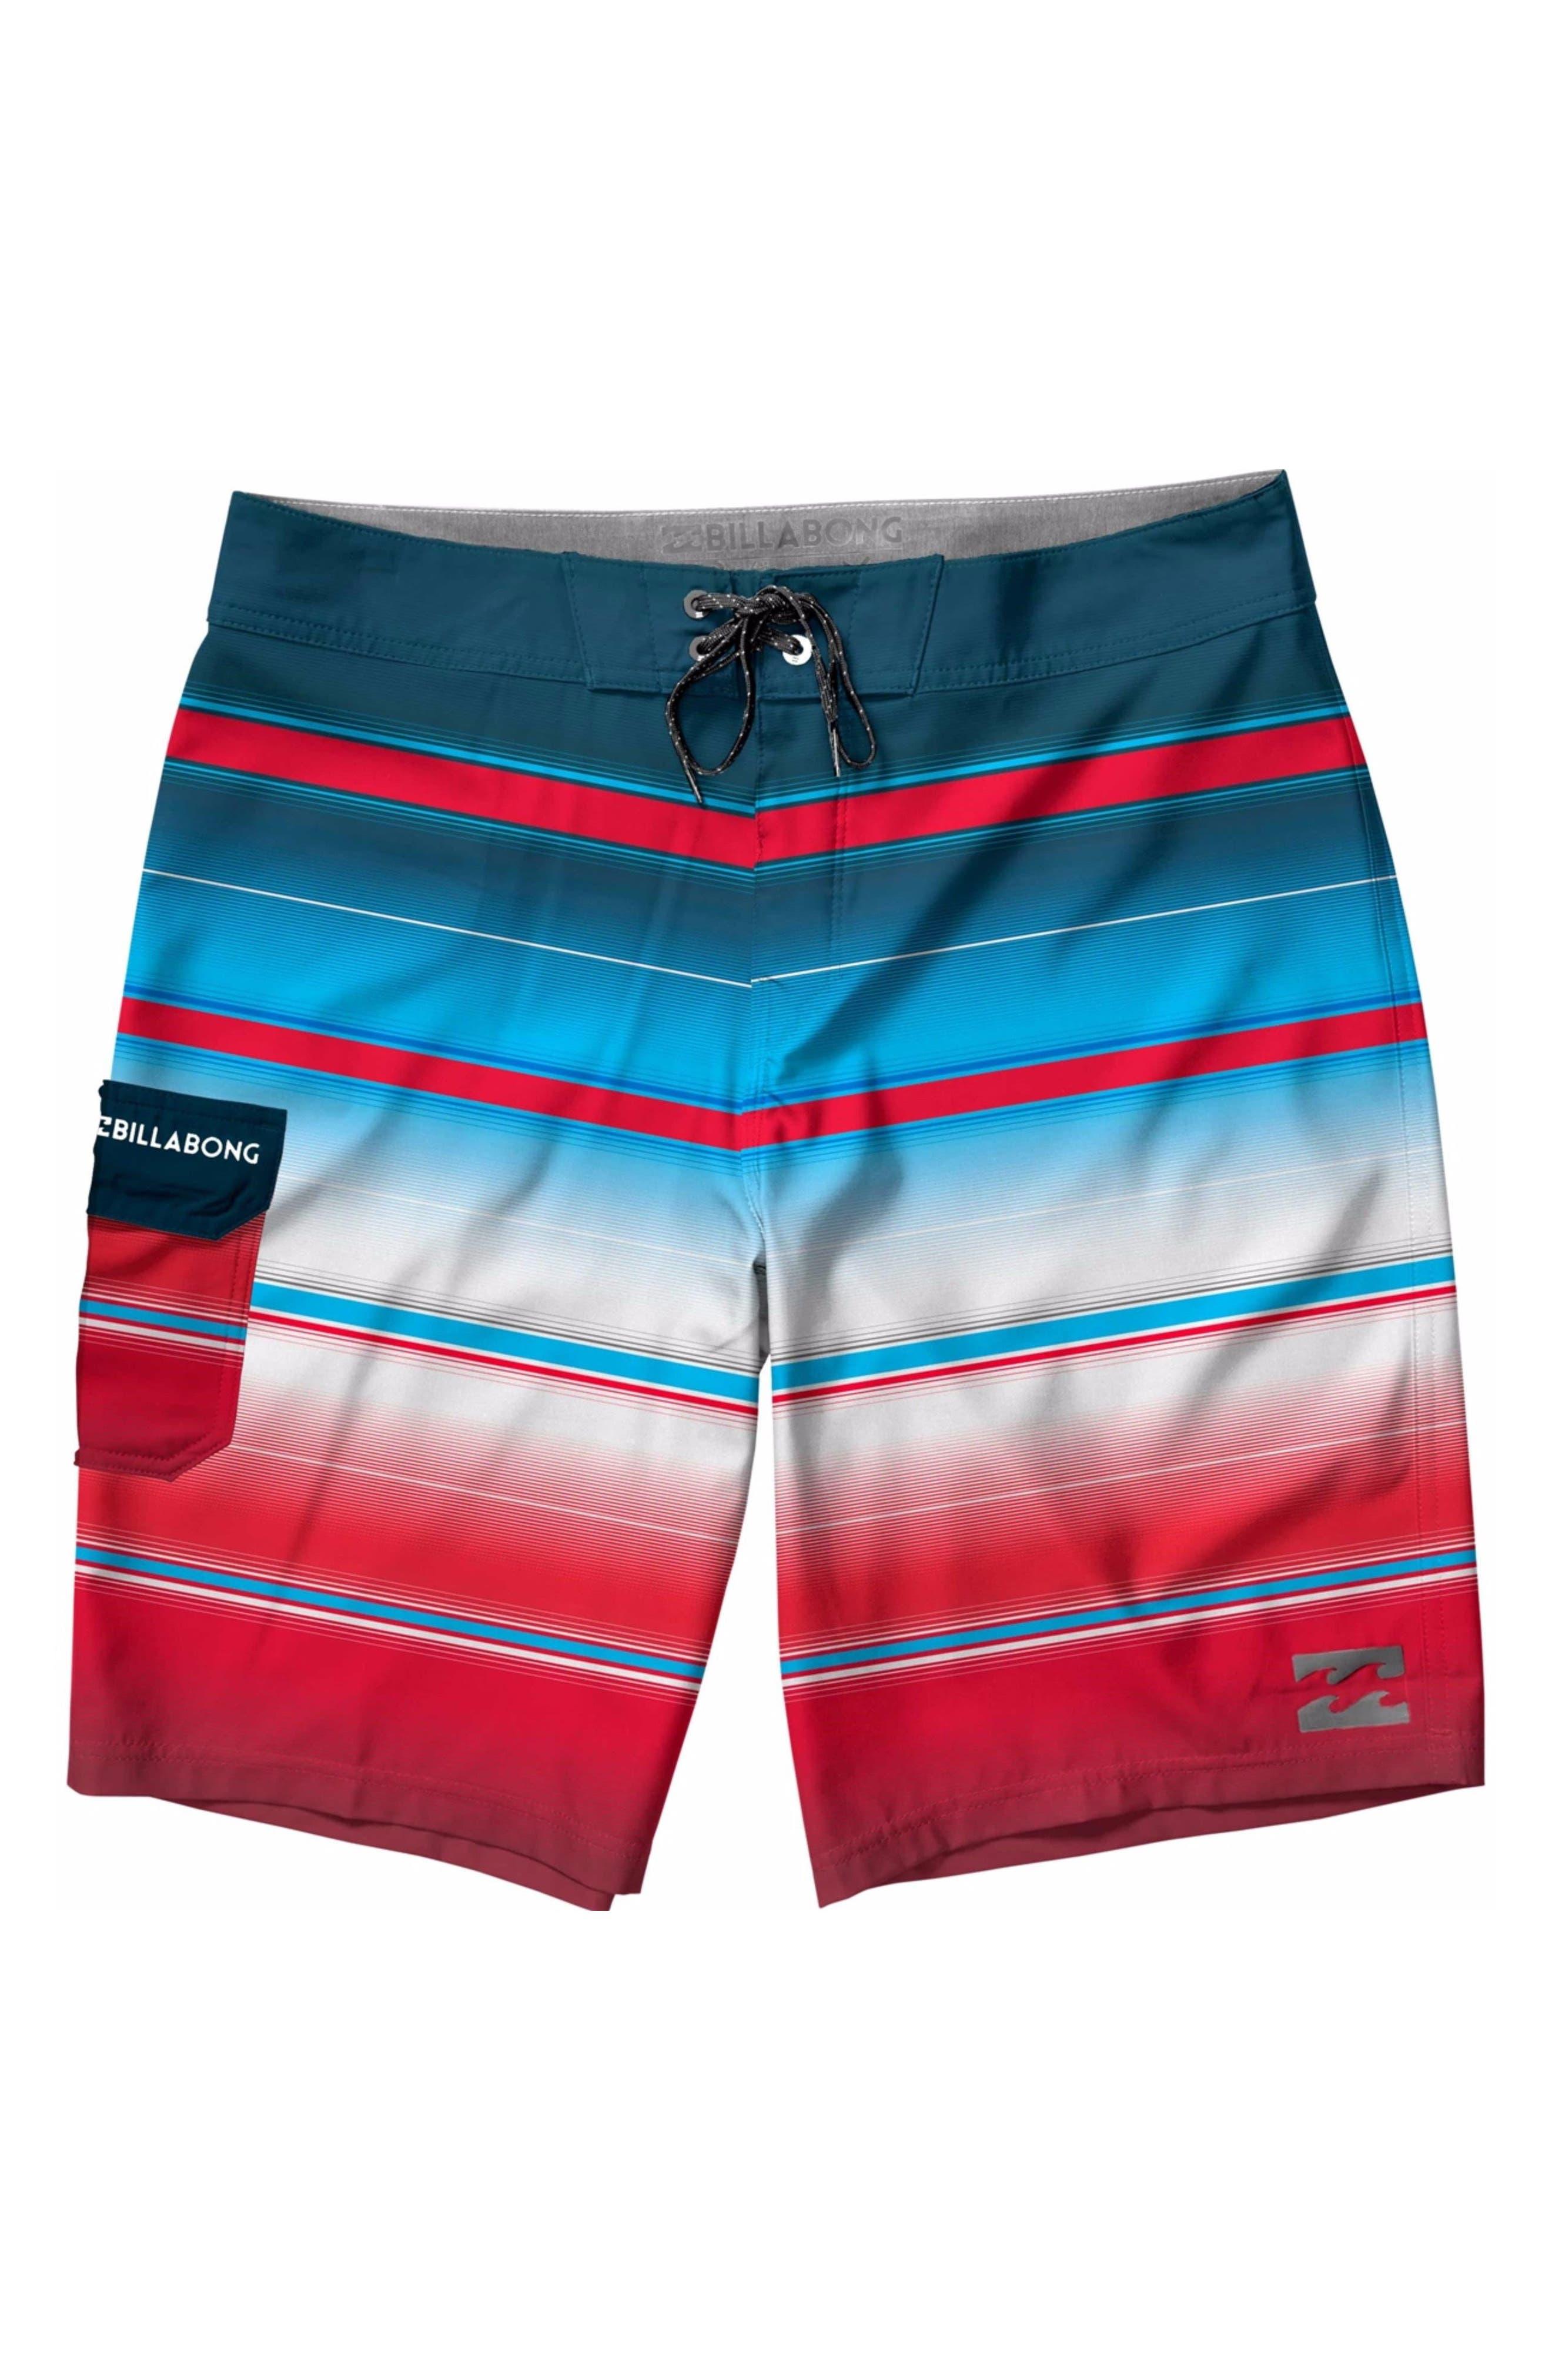 BILLABONG All Day Stripe Board Shorts